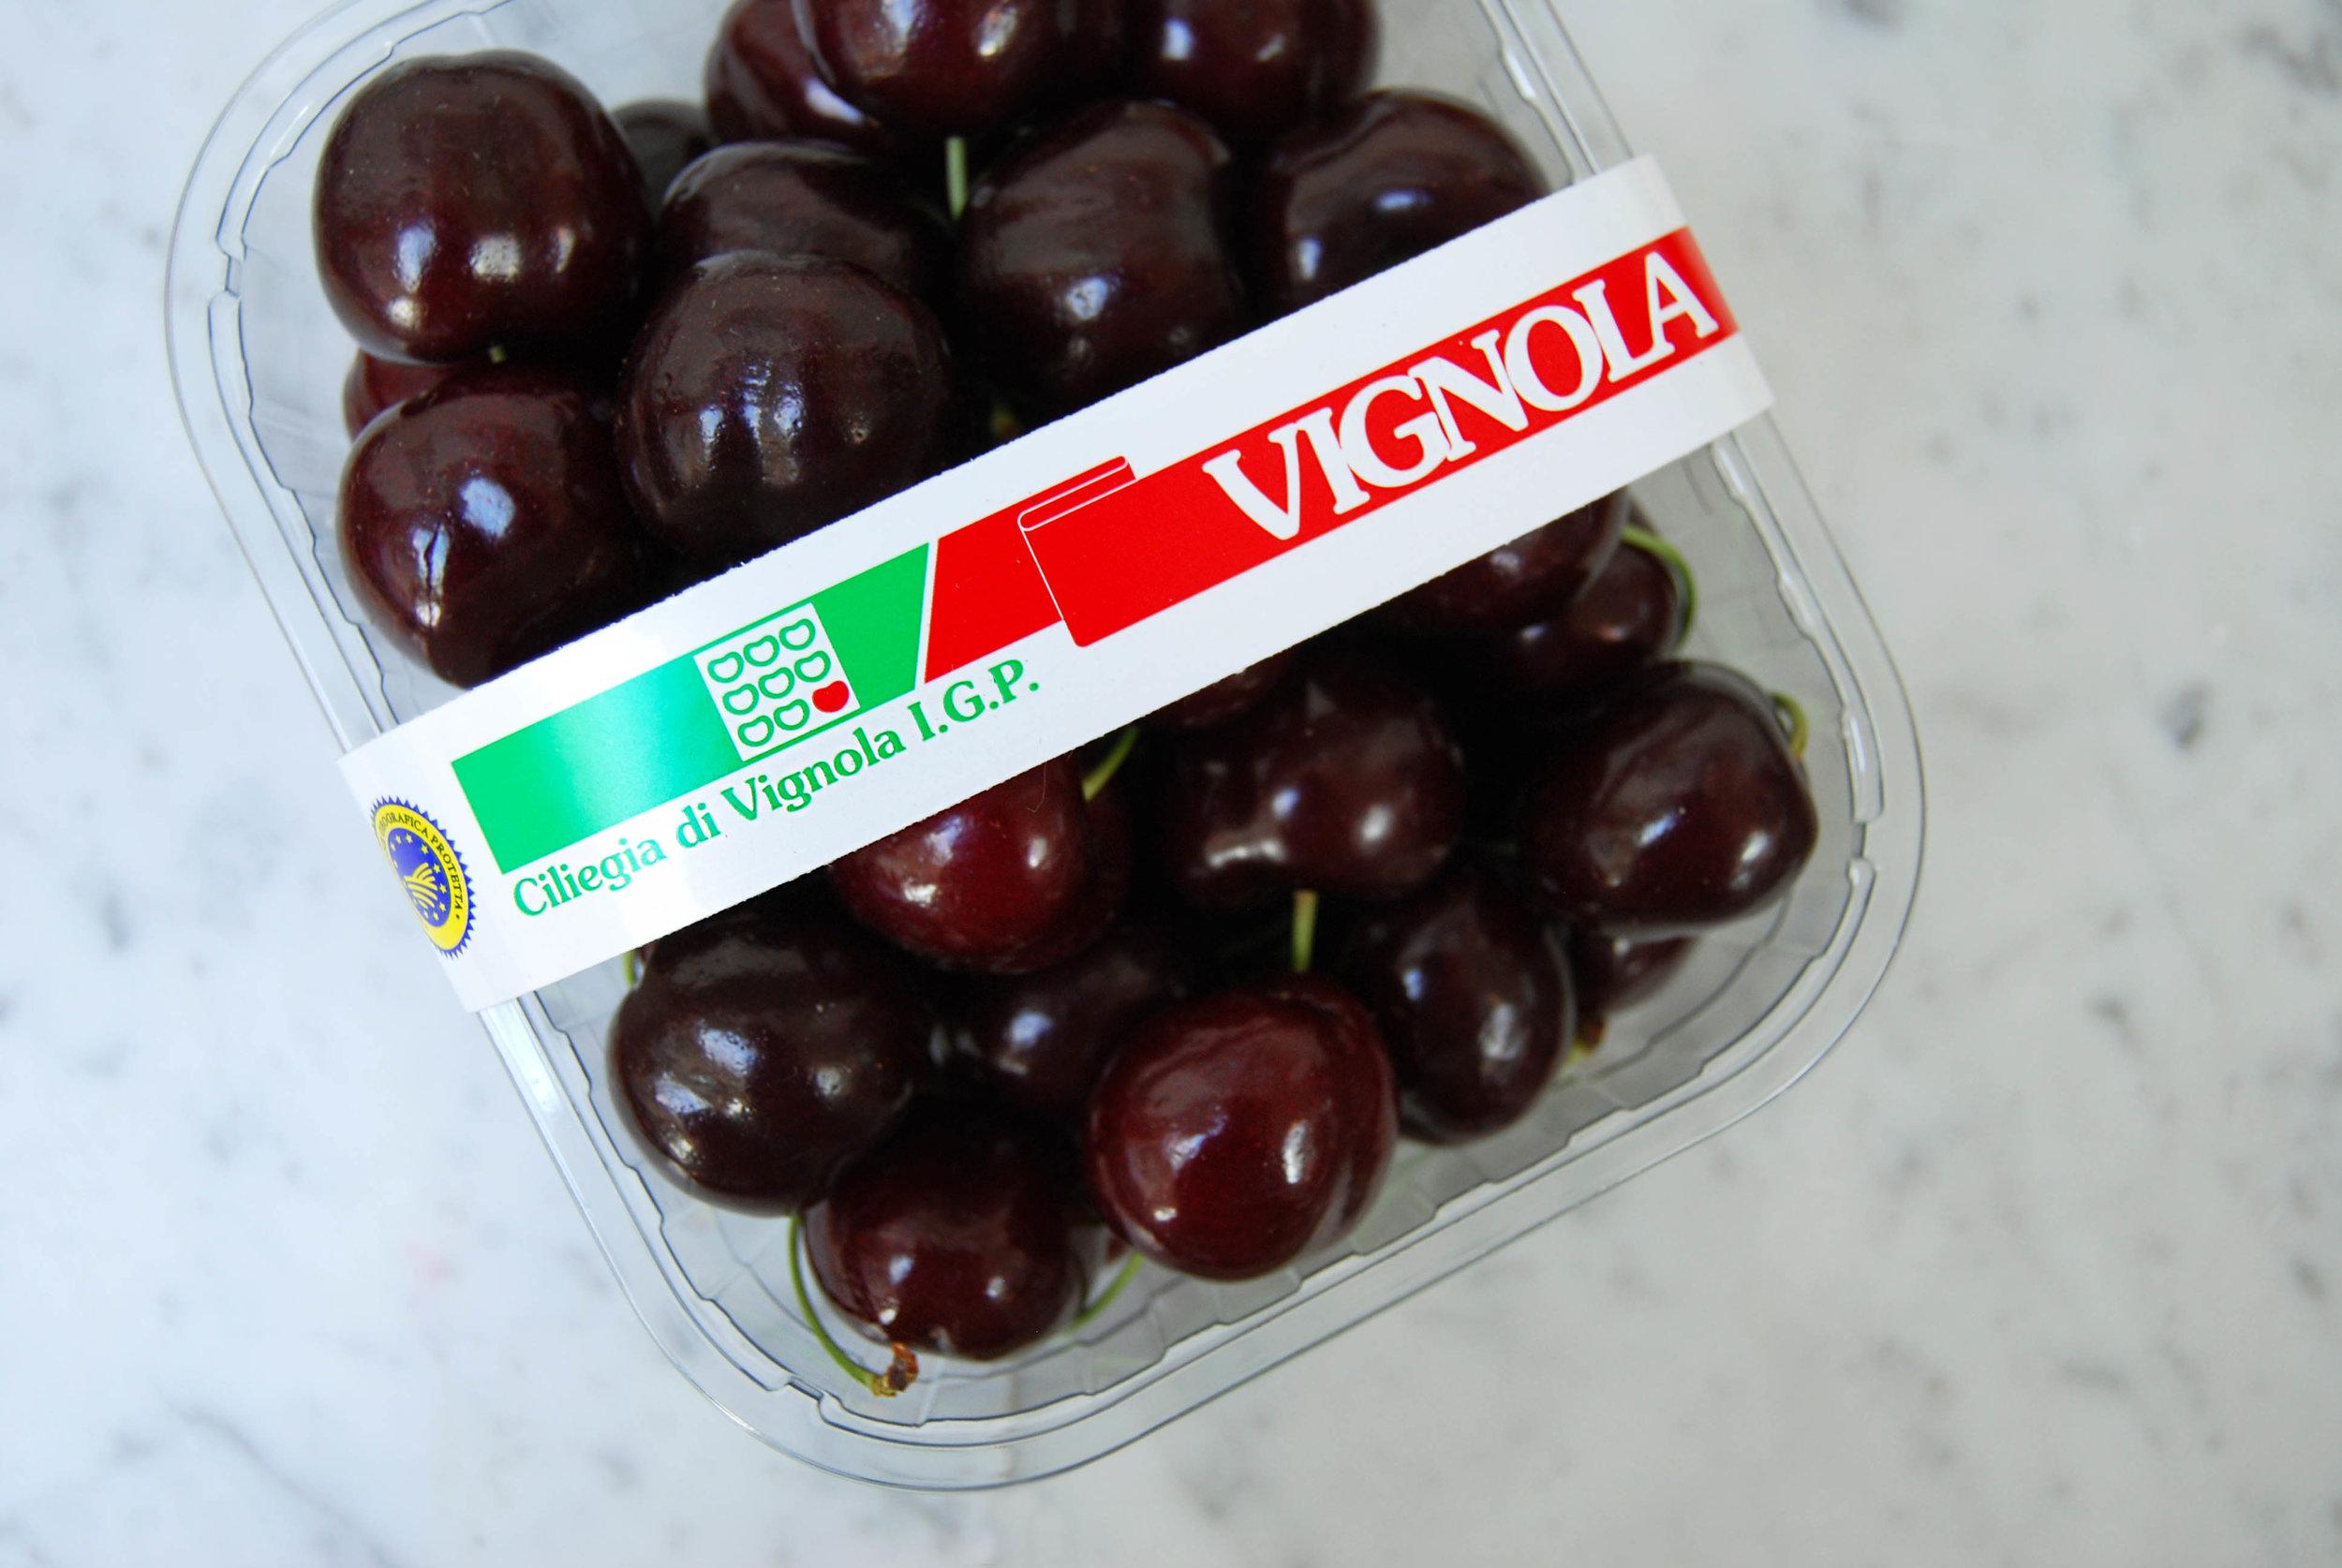 IGP vignola cherries.jpg